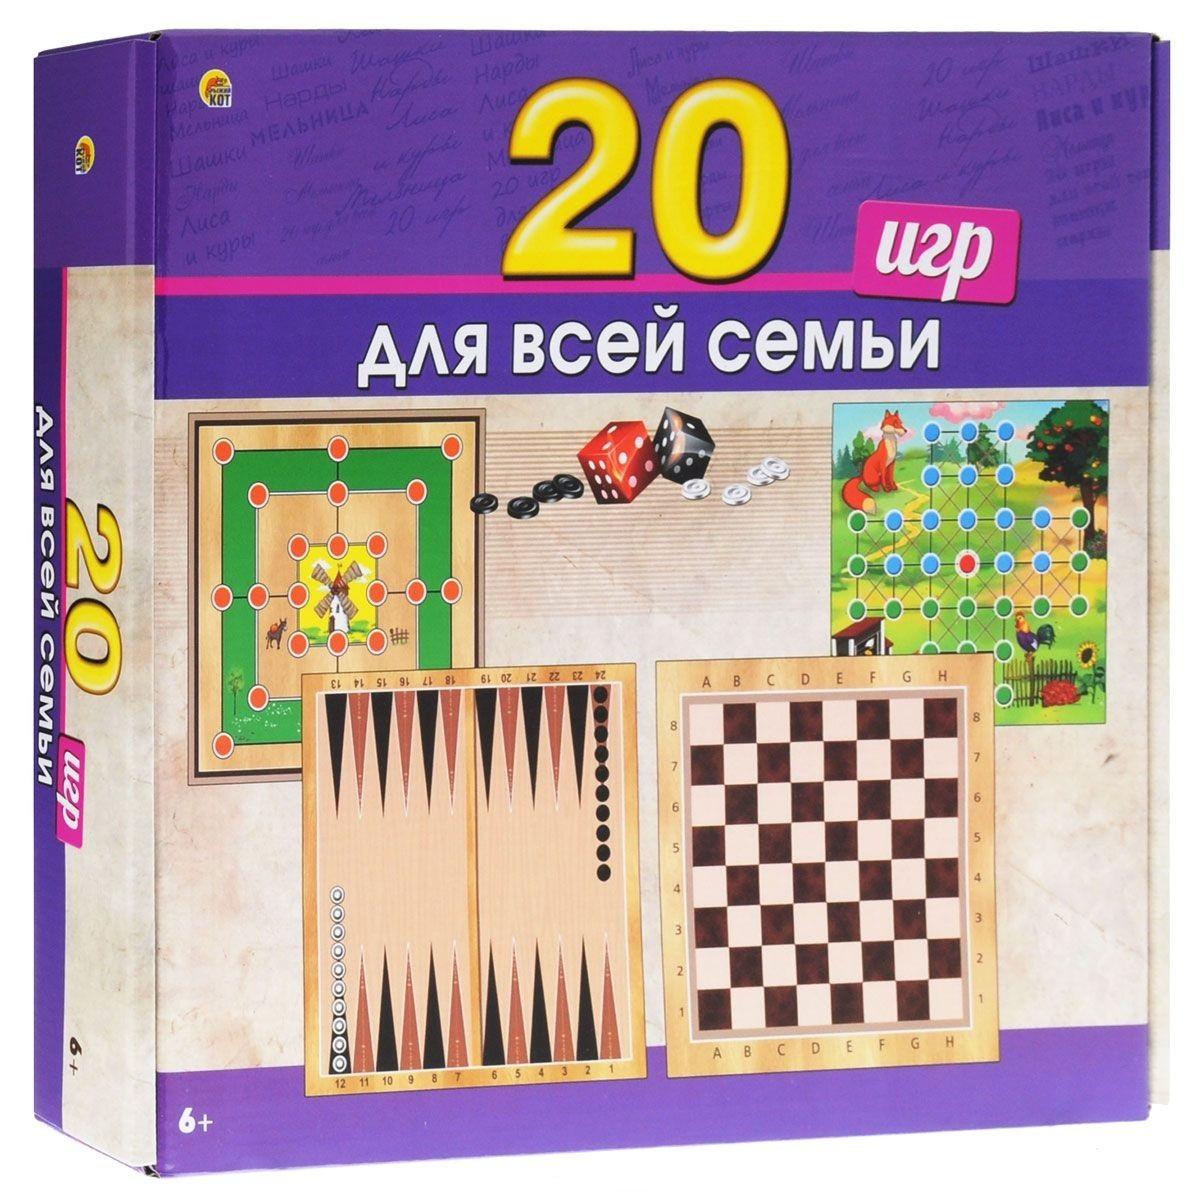 Купить Игра настольная 20 в 1 - Игры для всей семьи, Рыжий Кот